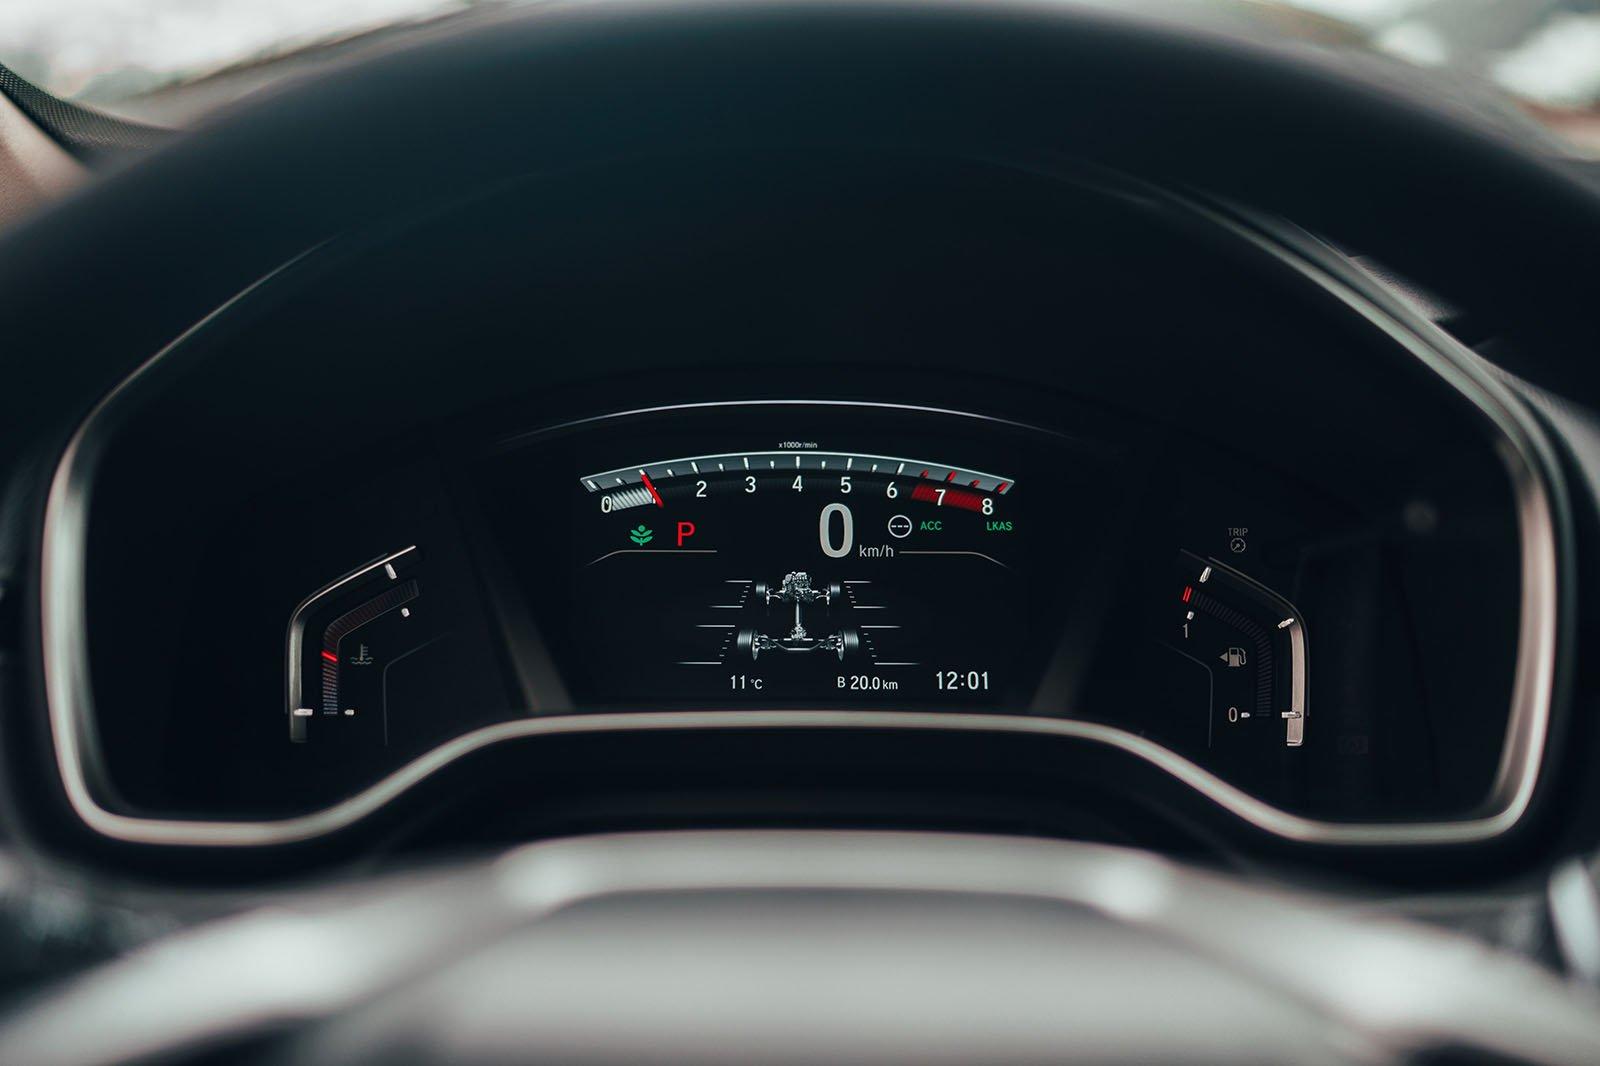 Honda CR-V digital dash